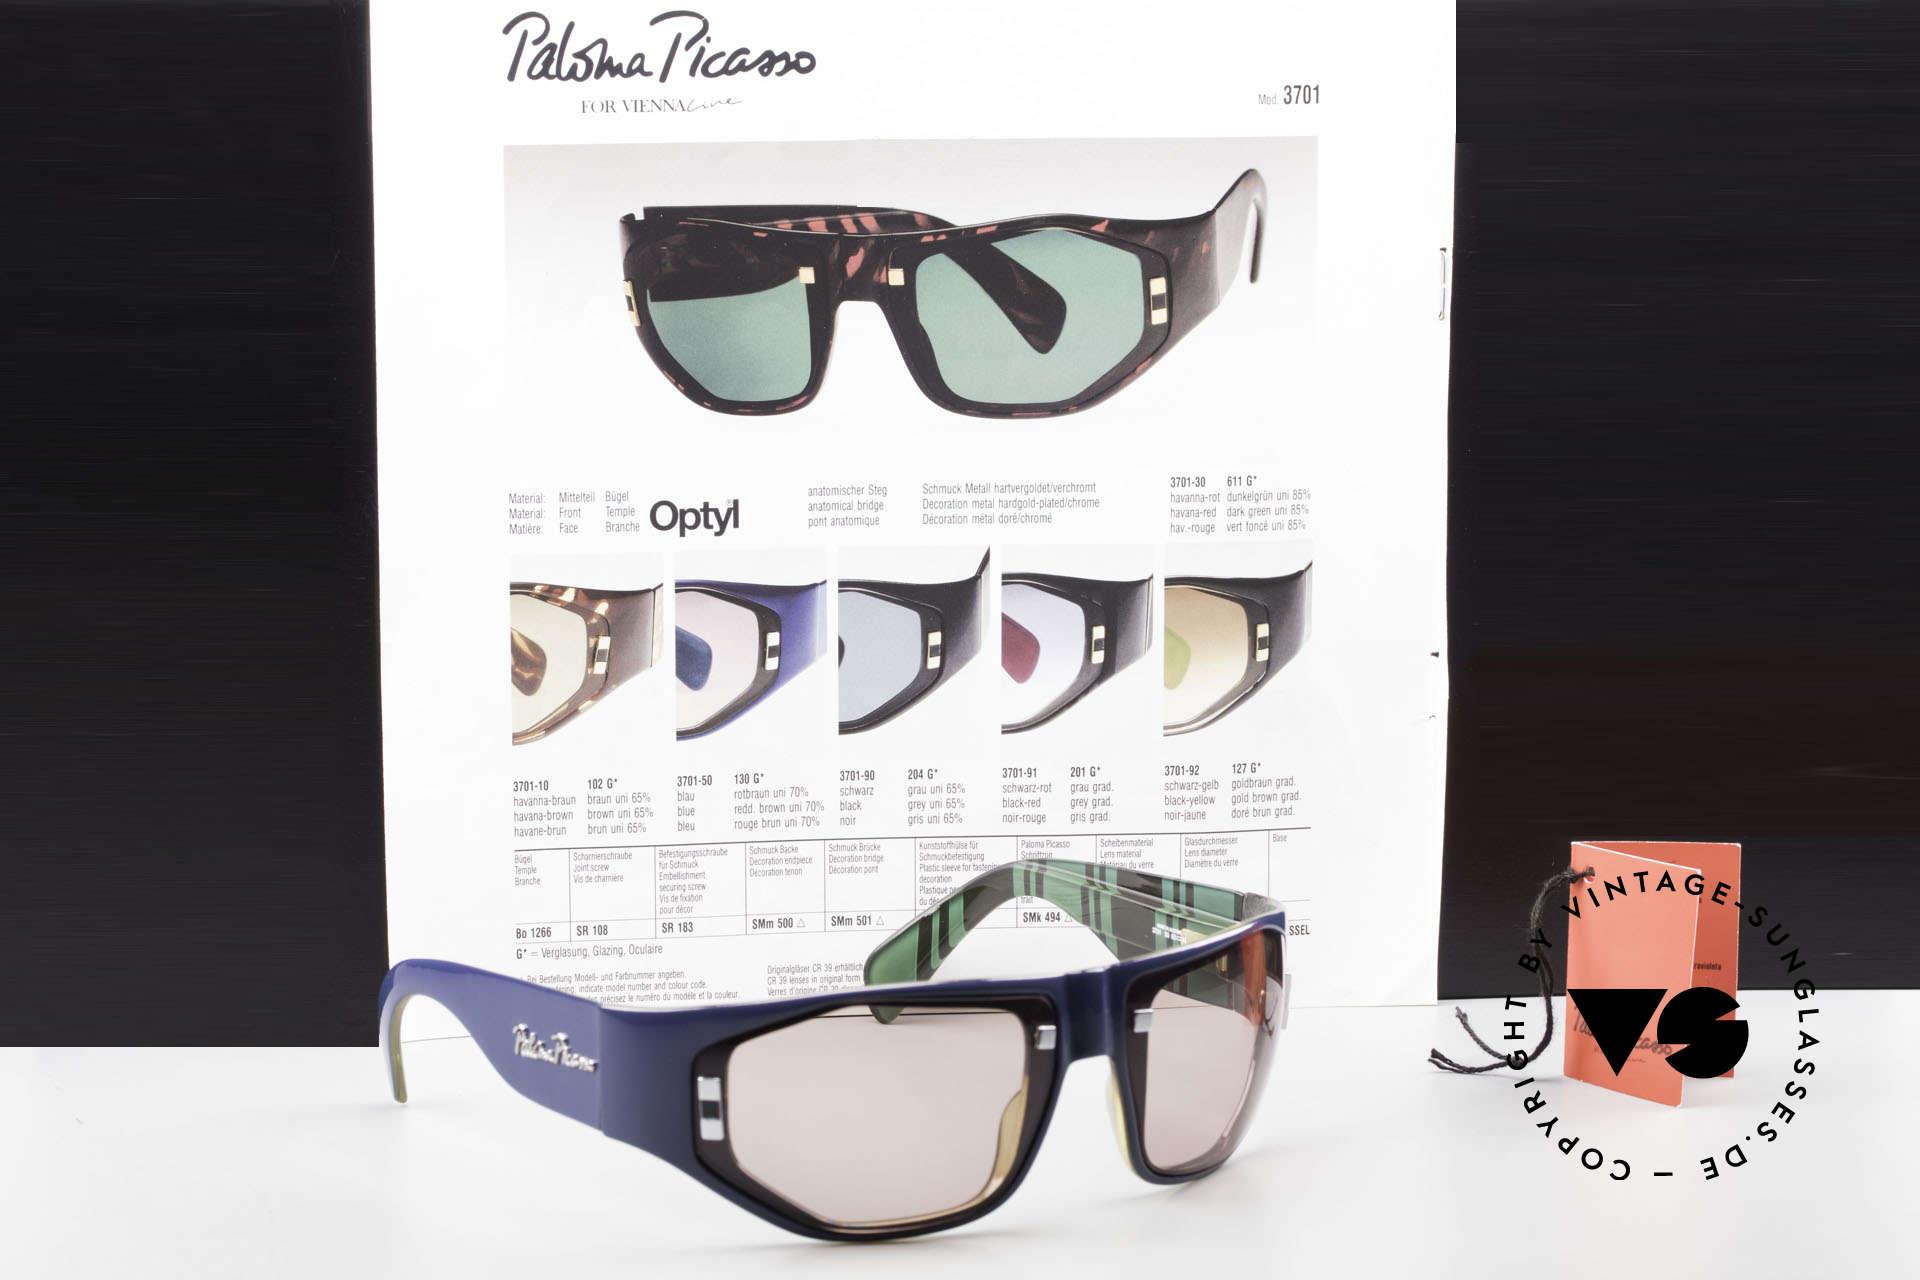 Paloma Picasso 3701 Wrap Around Sonnenbrille 90er, Größe: medium, Passend für Damen